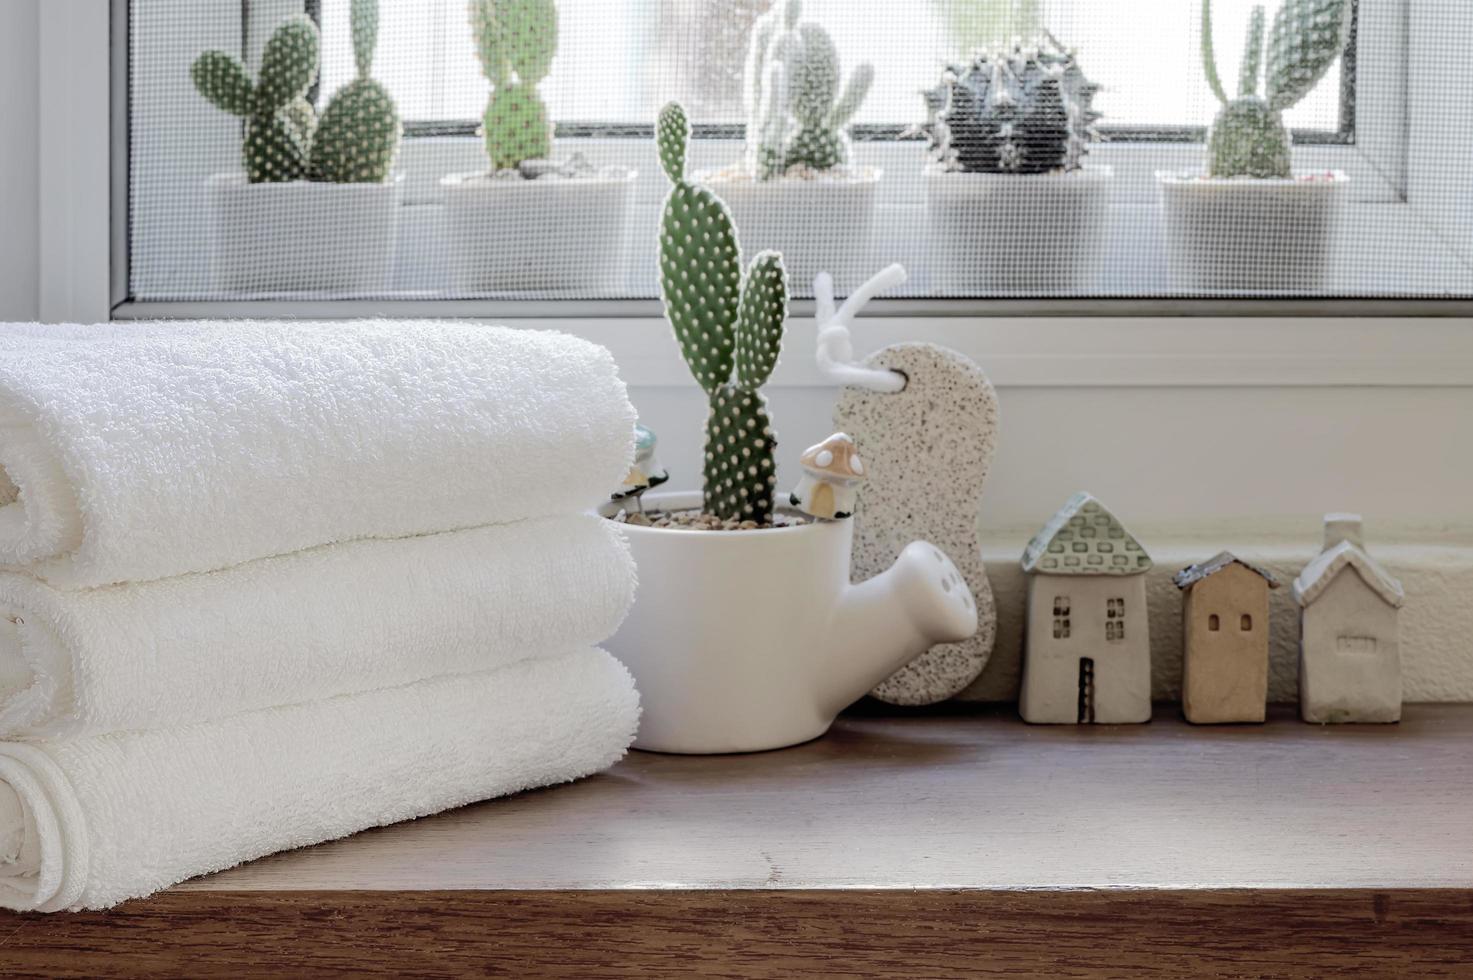 gefaltete saubere Handtücher mit Zimmerpflanze auf Holztheke foto